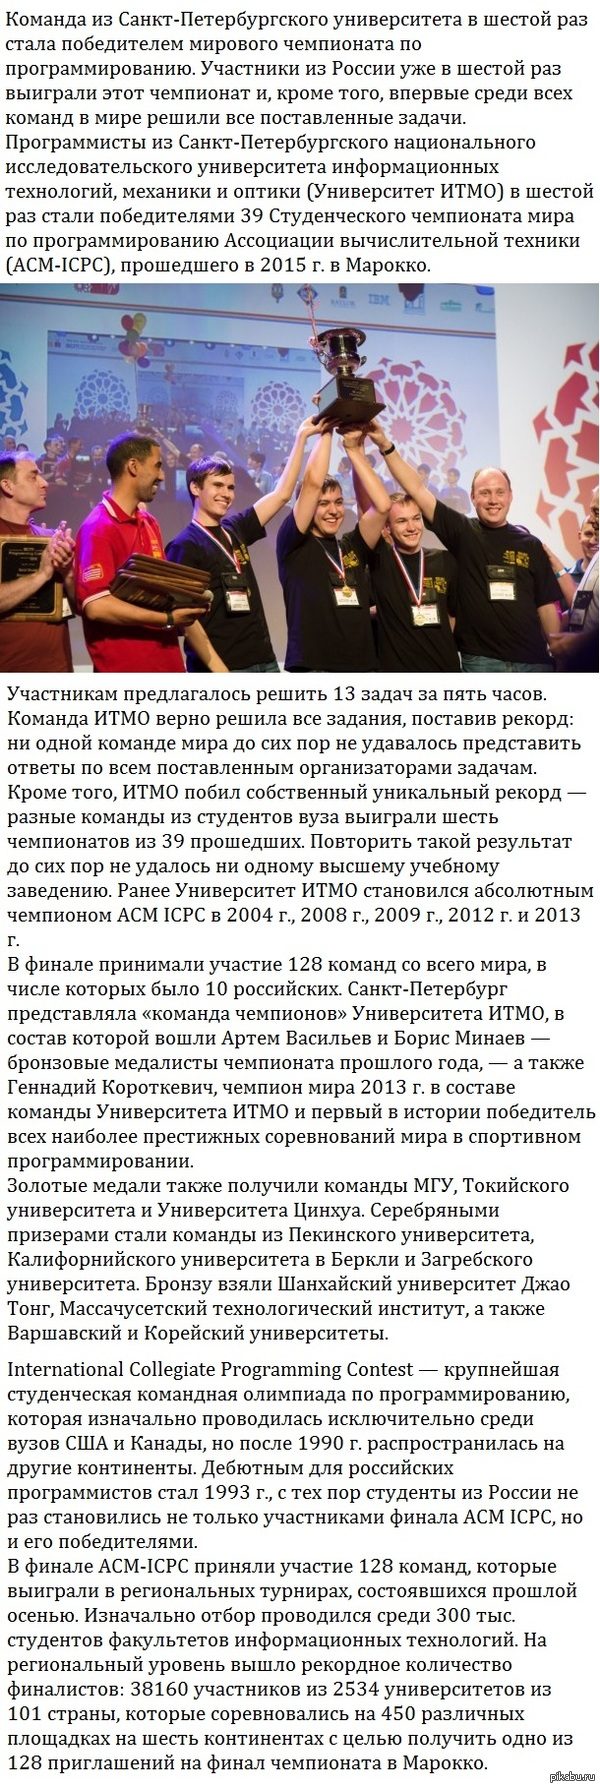 Российские студенты победили на чемпионате мира по программированию с 2 абсолютными рекордами